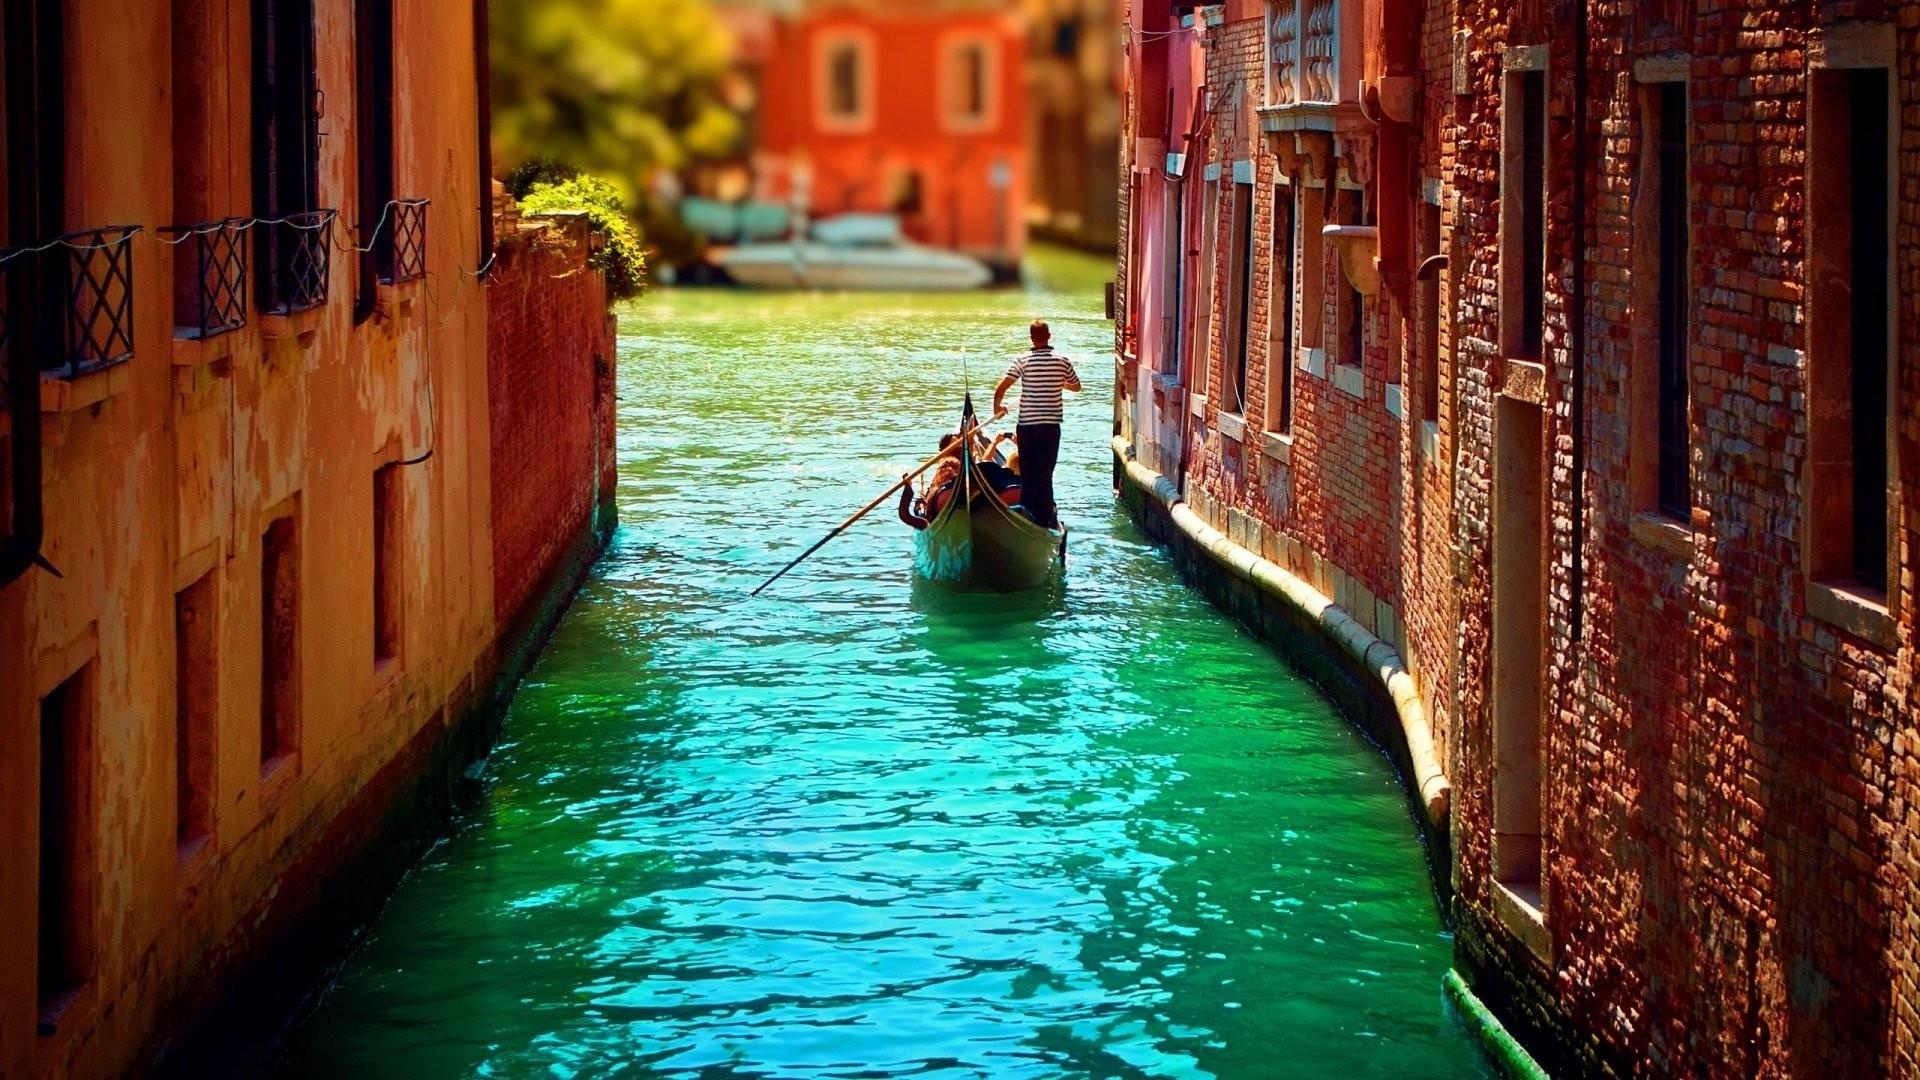 Обои канал, лодки, венеция, мосты, дома, улицы. Города foto 19